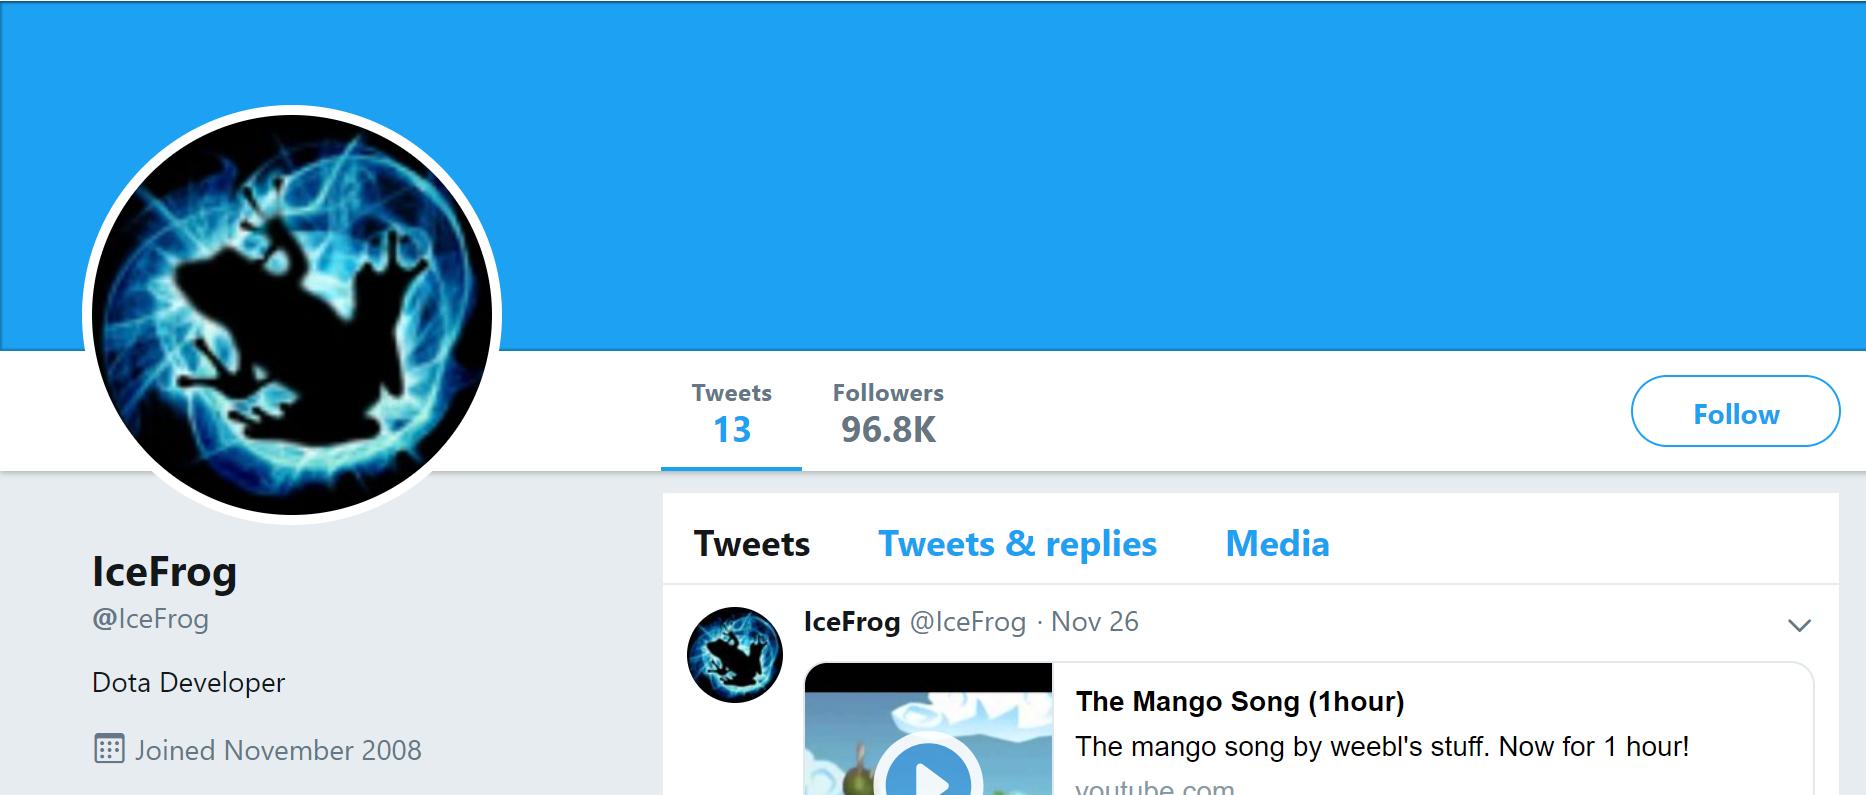 ice frog twitter - Nhìn lại 5 khoảnh khắc ấn tượng nhất của Dota 2 thế giới trong năm 2019